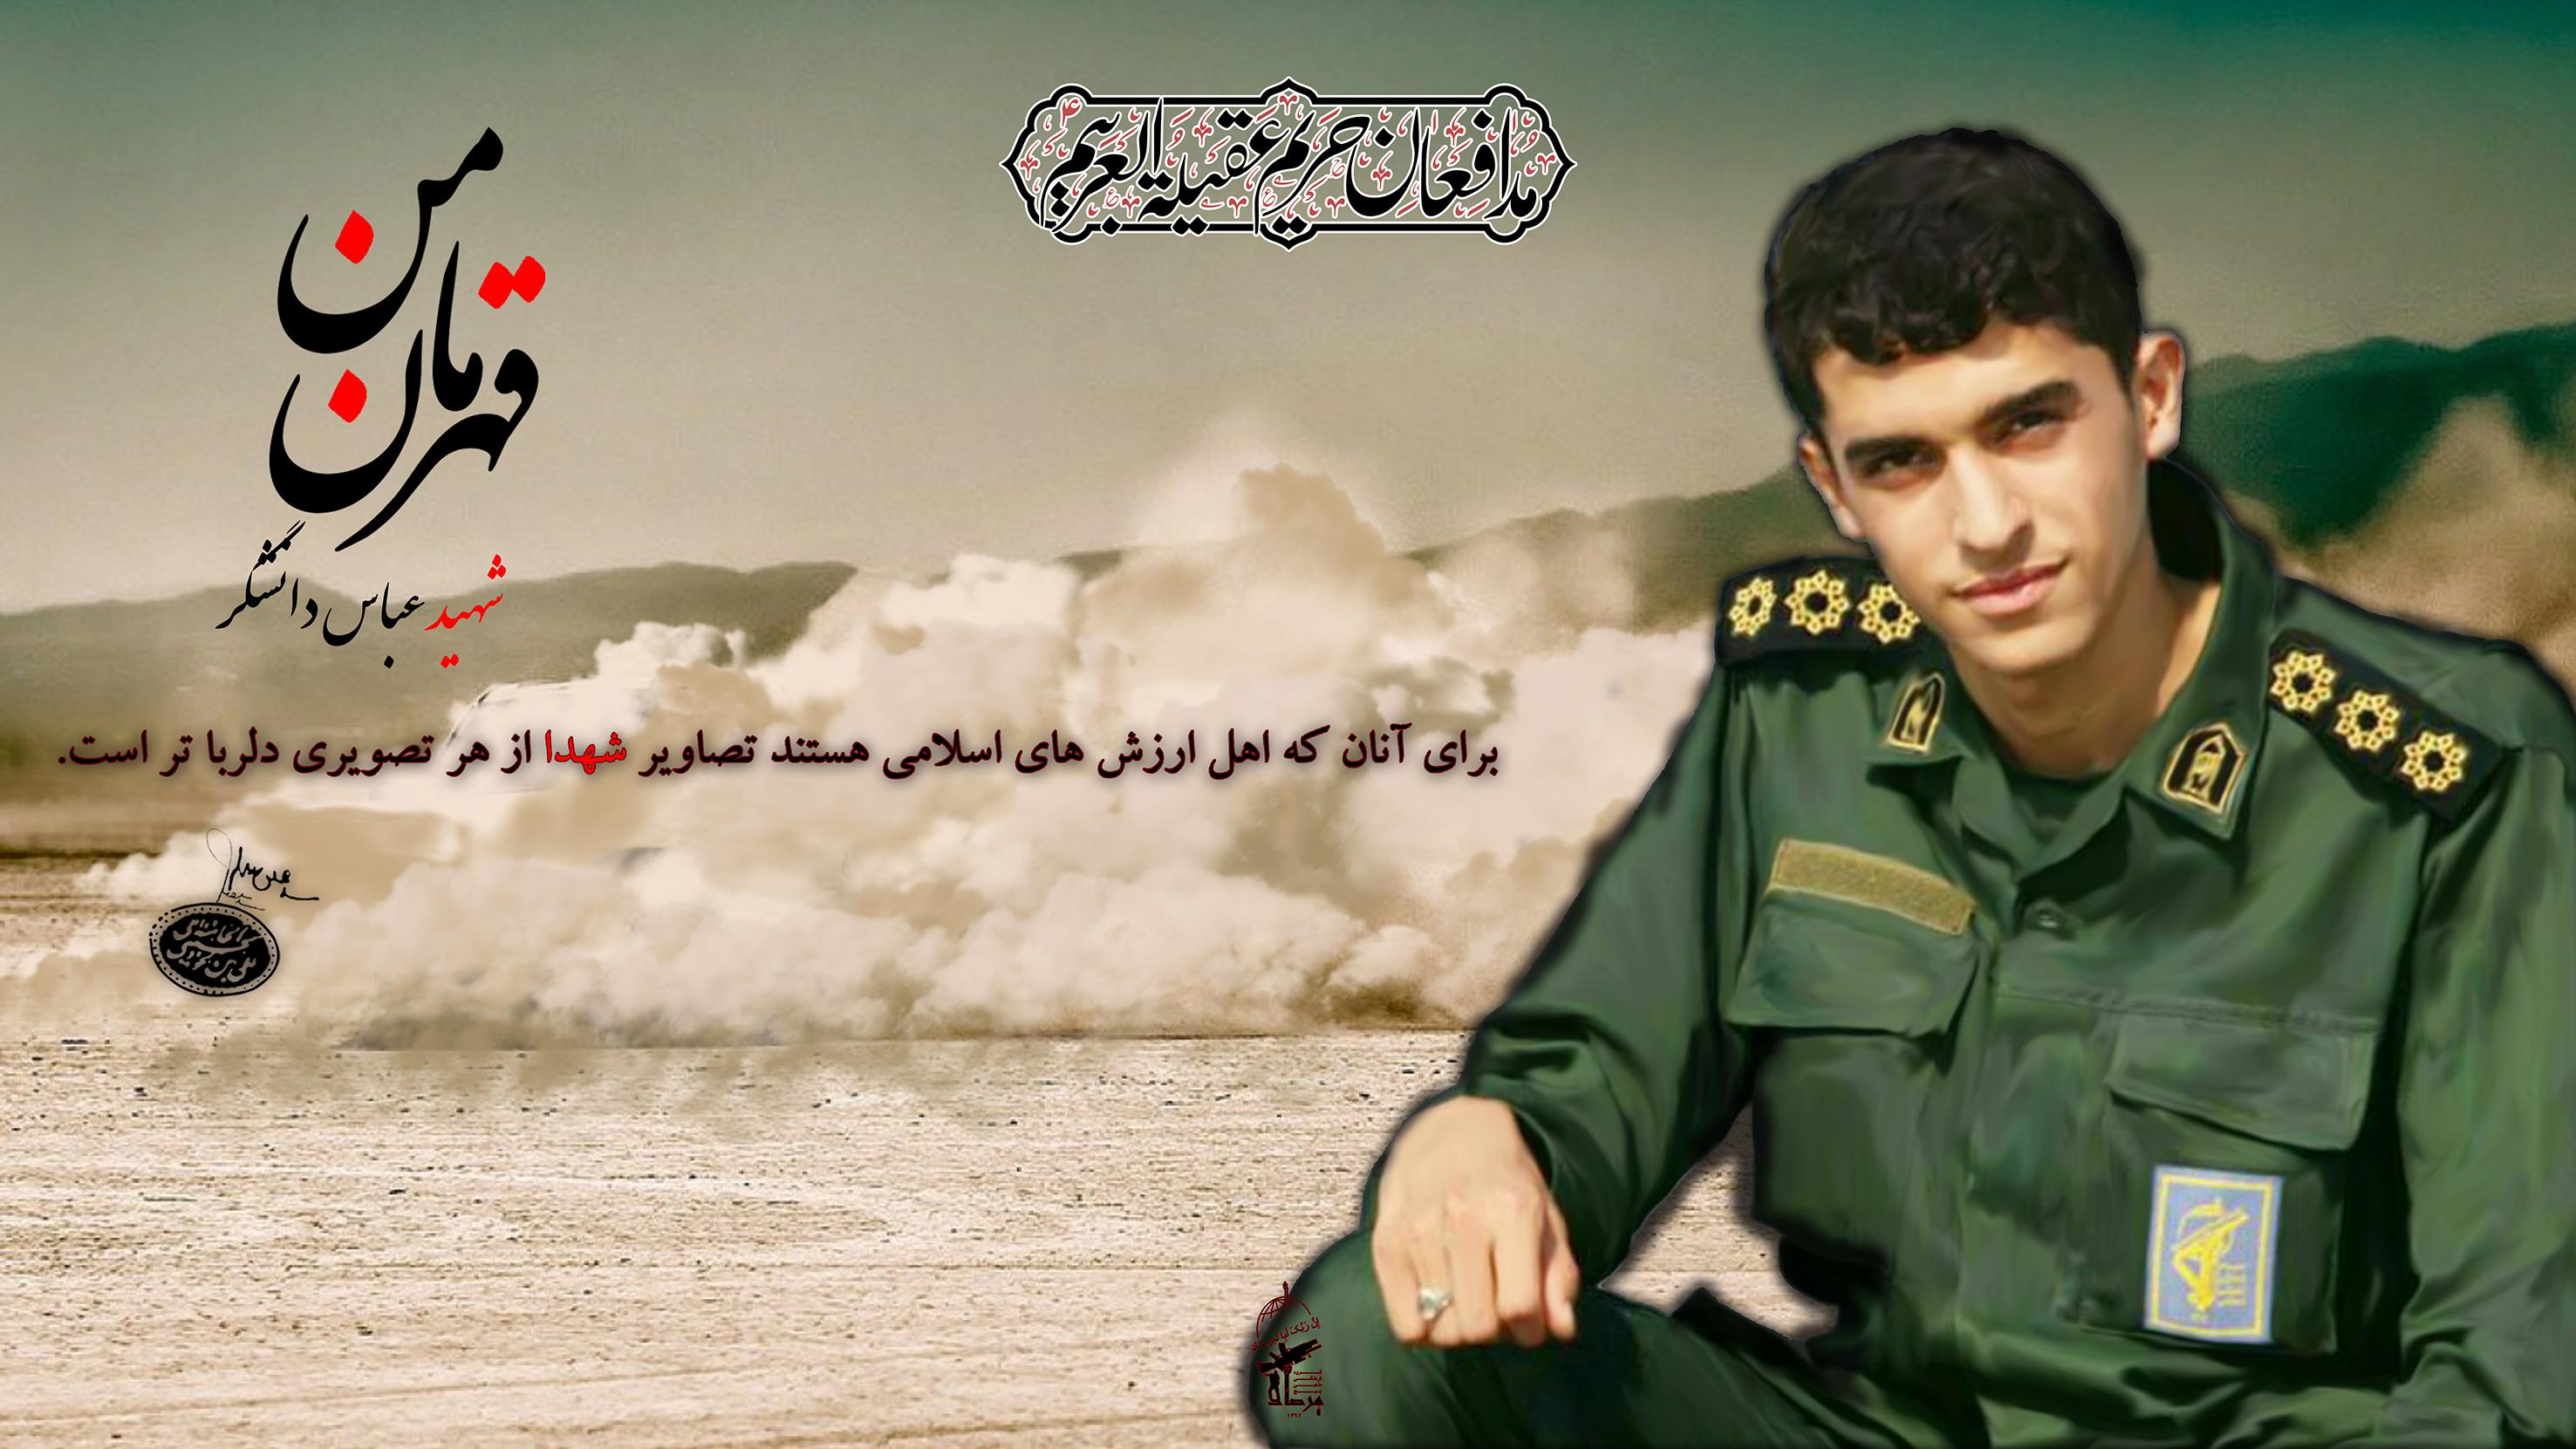 زندگینامه شهید مدافع حرم عباس دانشگر